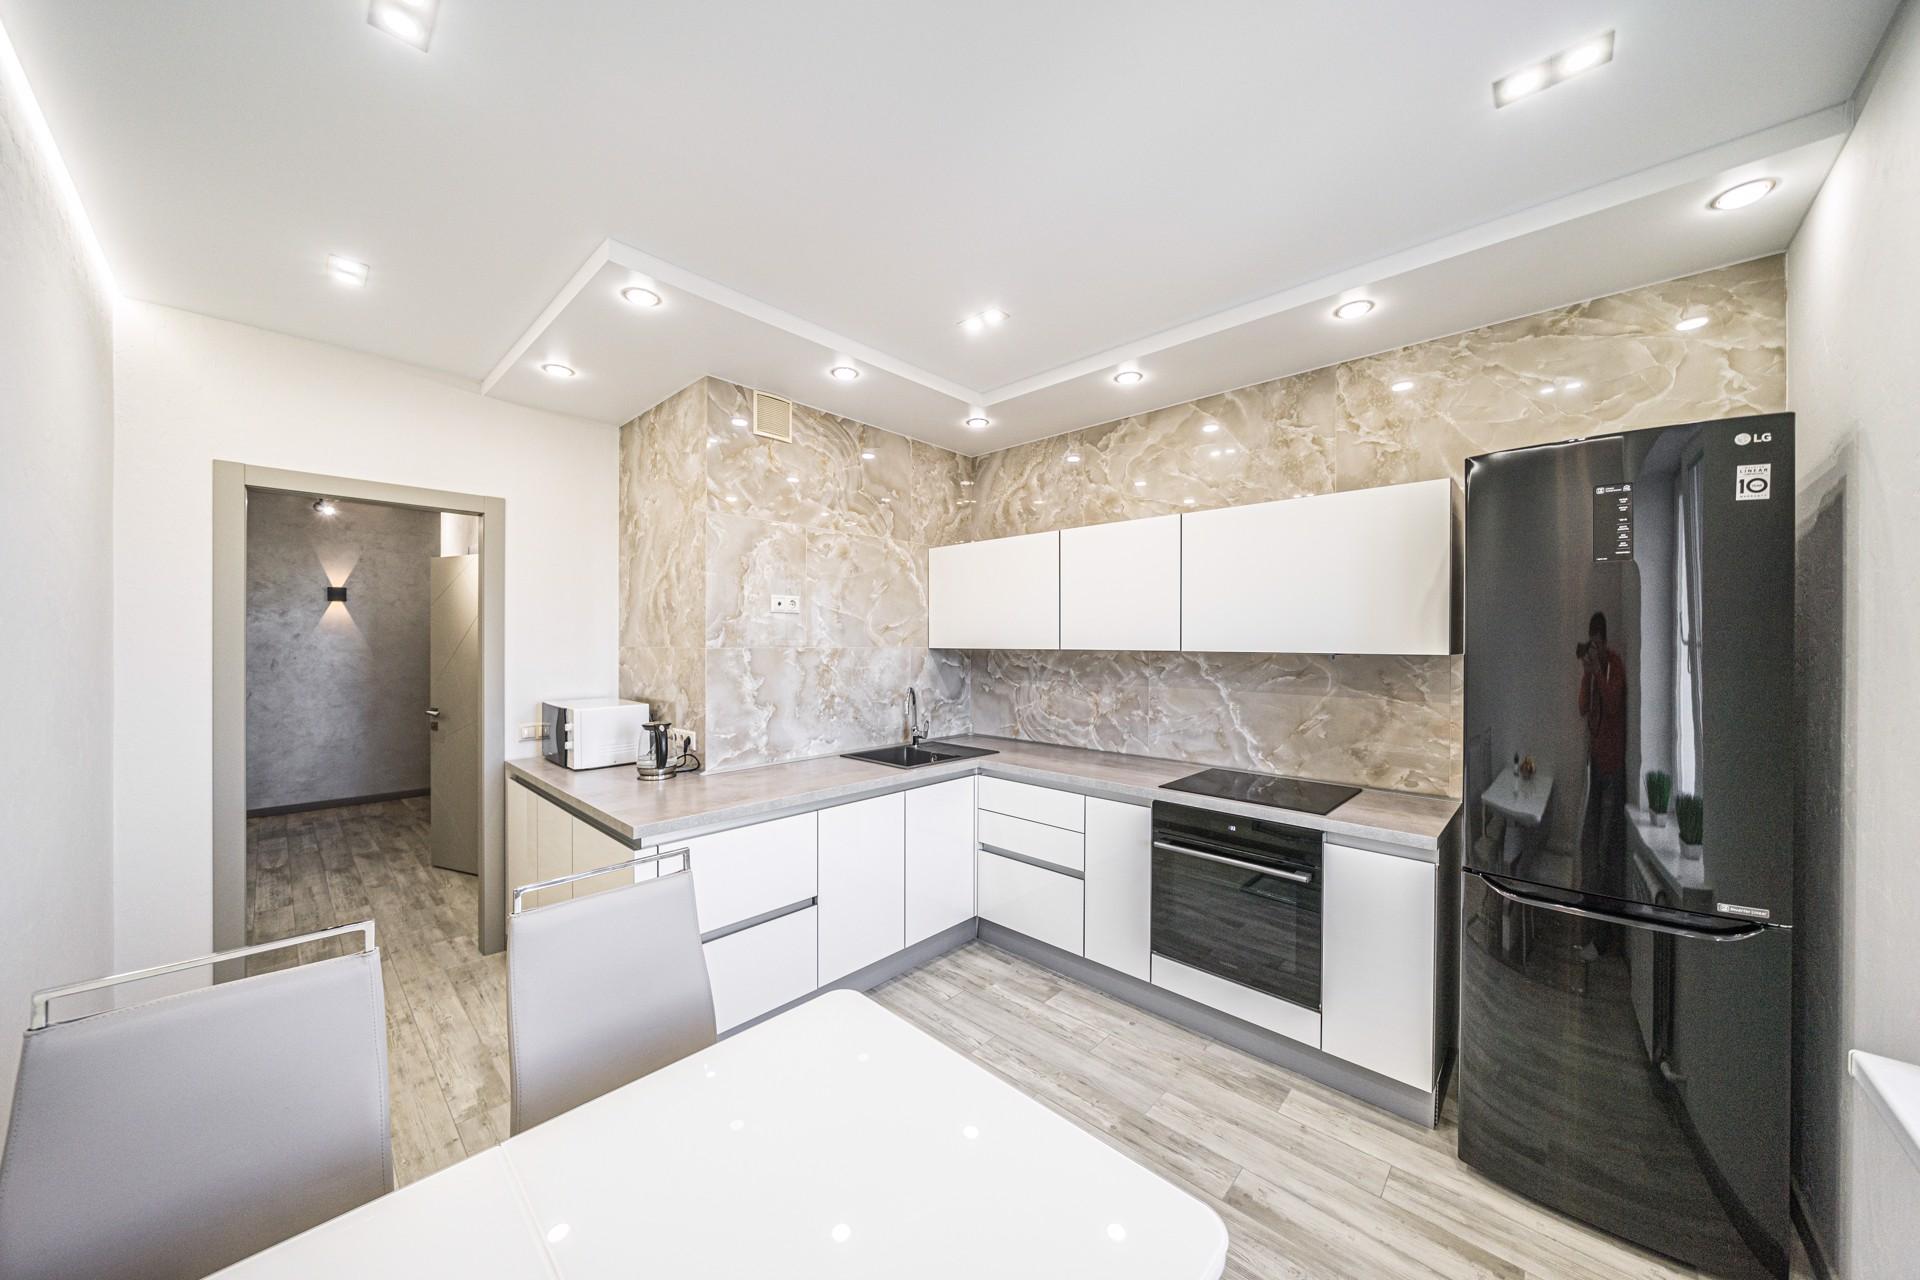 Продажа 2-к квартиры, Липецк, улица Игнатьева, 33к1, 66 м², 6970000 ₽